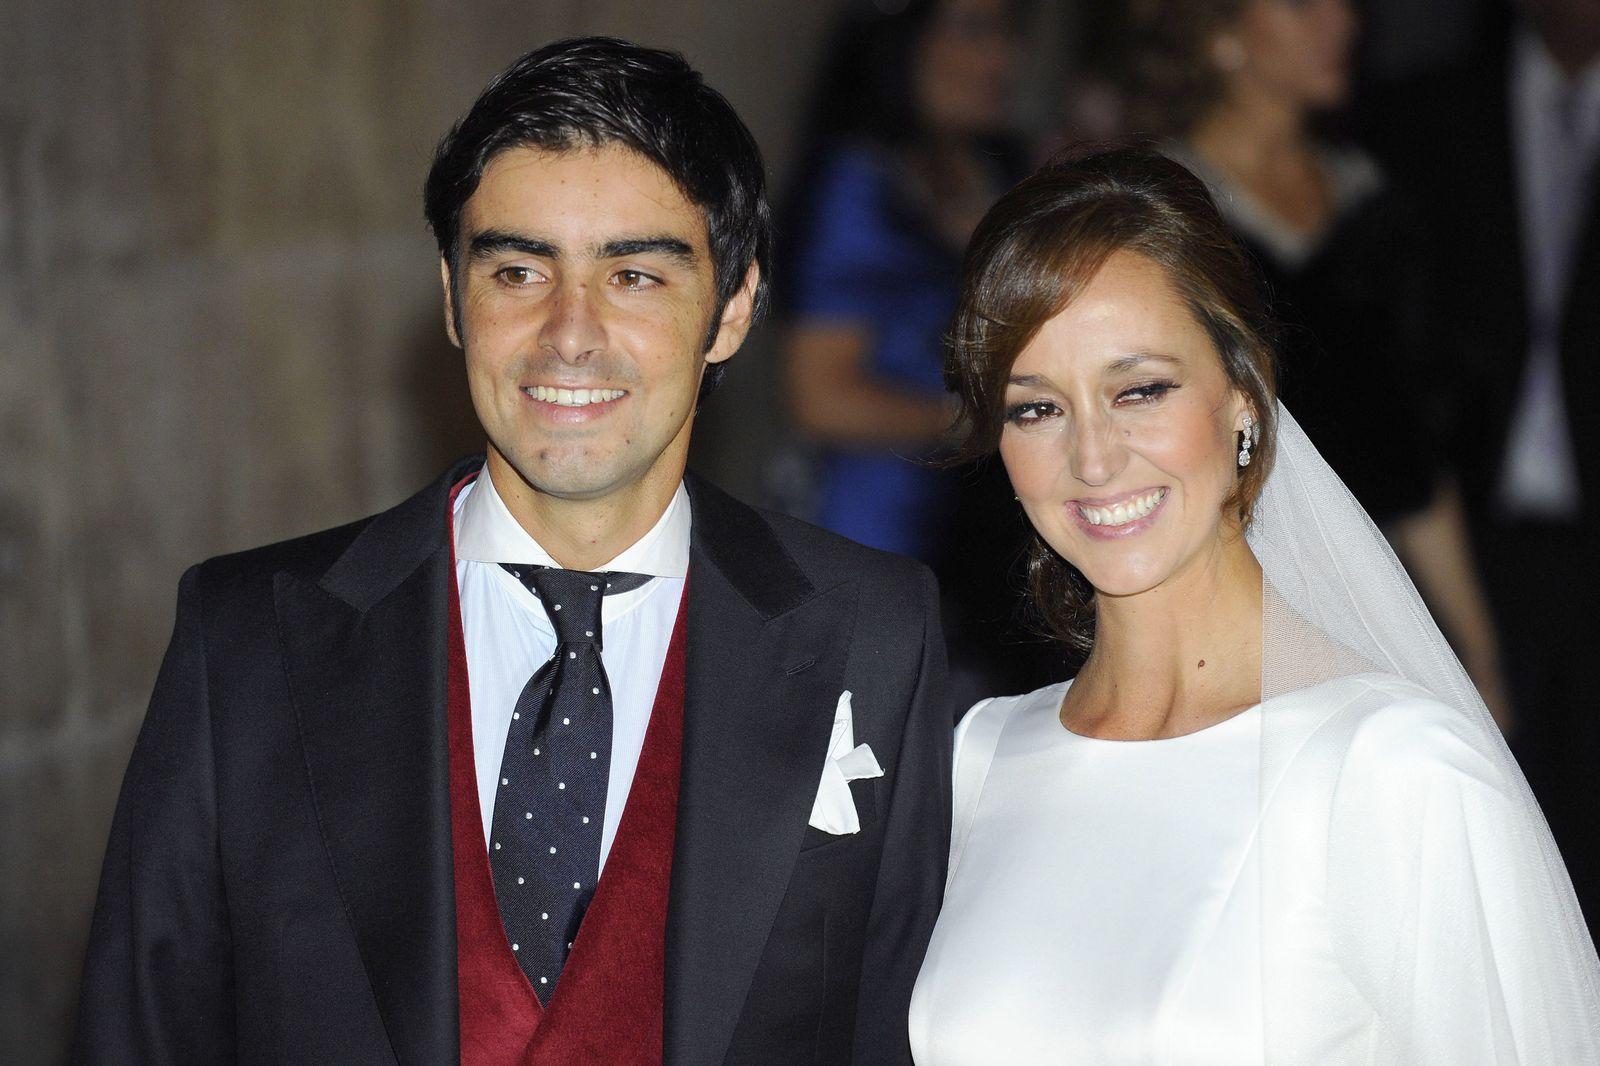 Boda de Miguel Ángel Perera y Verónica Gutiérrez ...